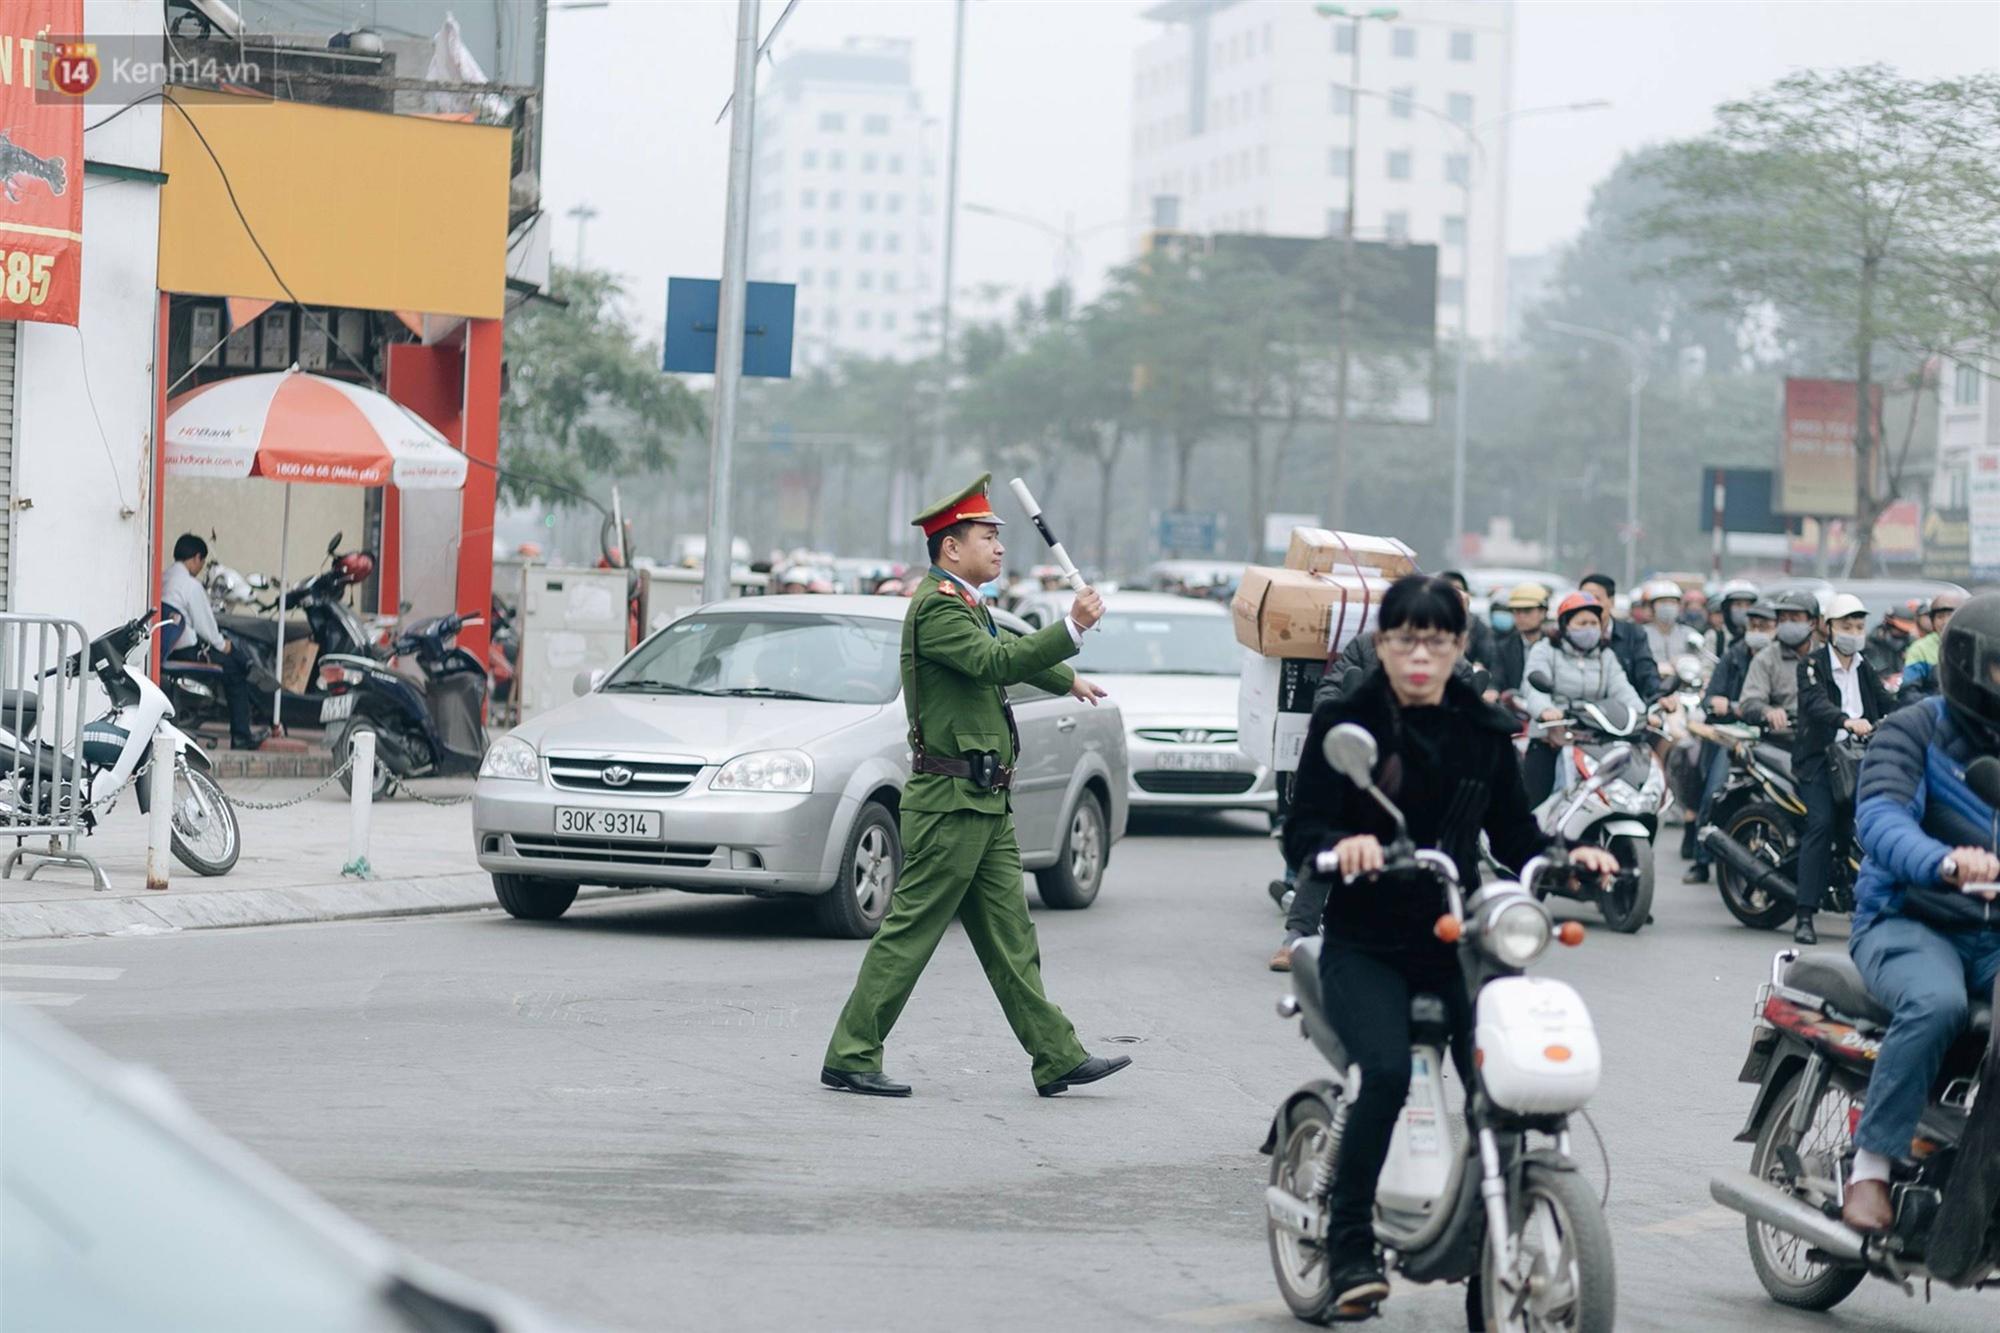 Chùm ảnh: Từ 3h chiều, đường phố Hà Nội ùn tắc không lối thoát ngày giáp Tết-14